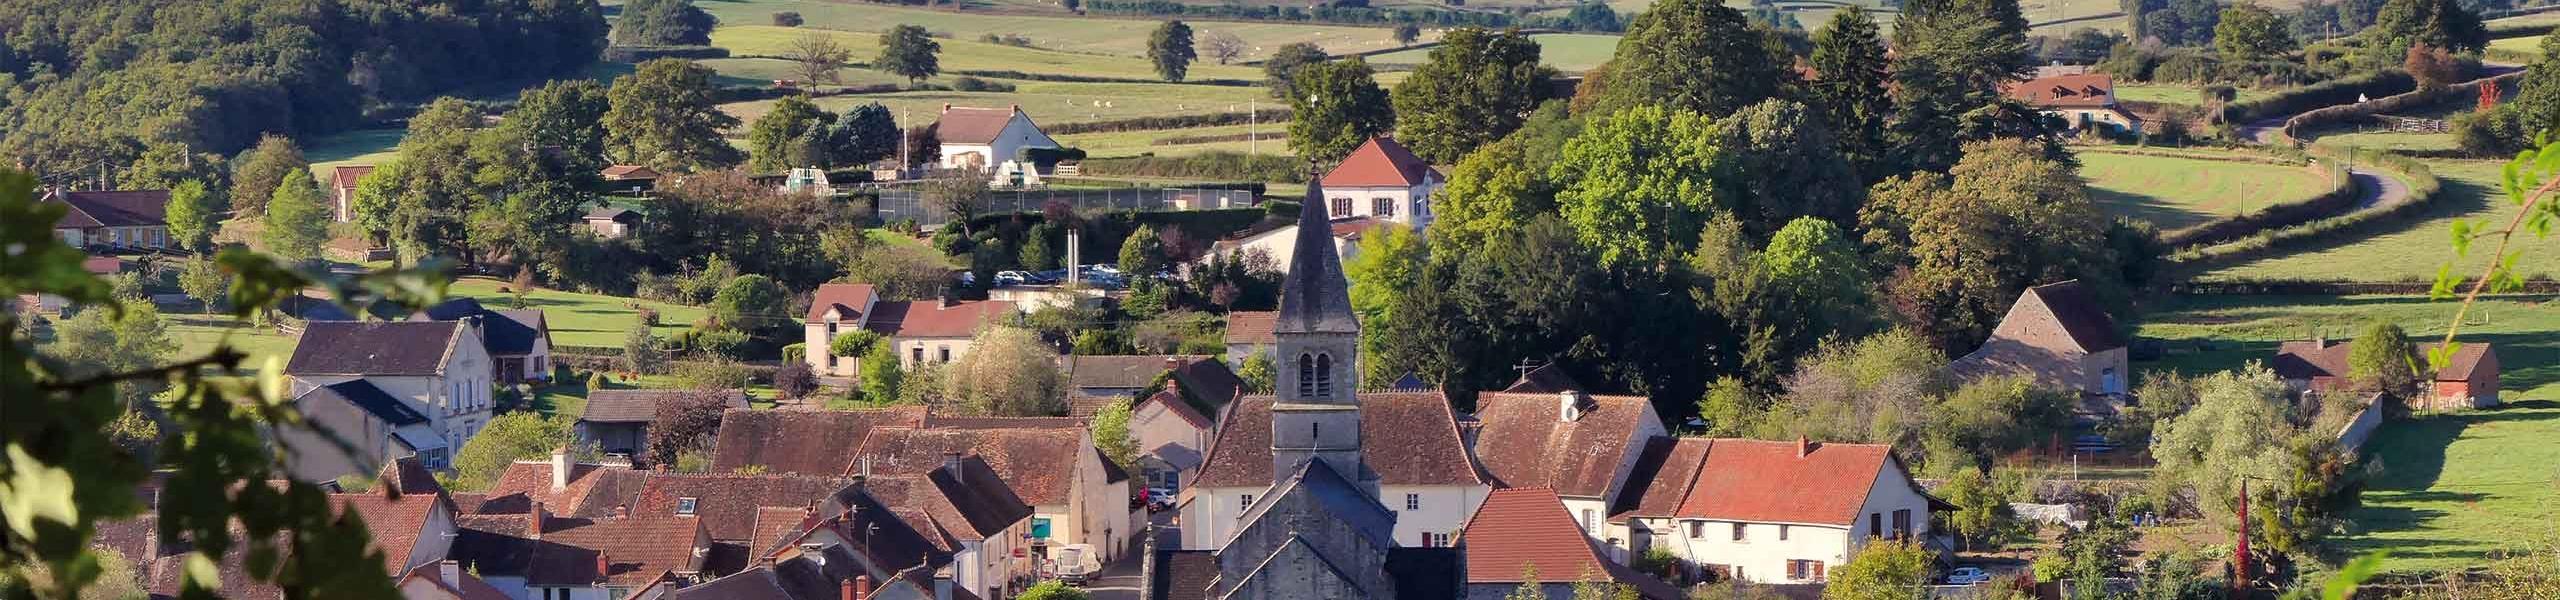 Bourg de Marizy - Le Rousset-Marizy